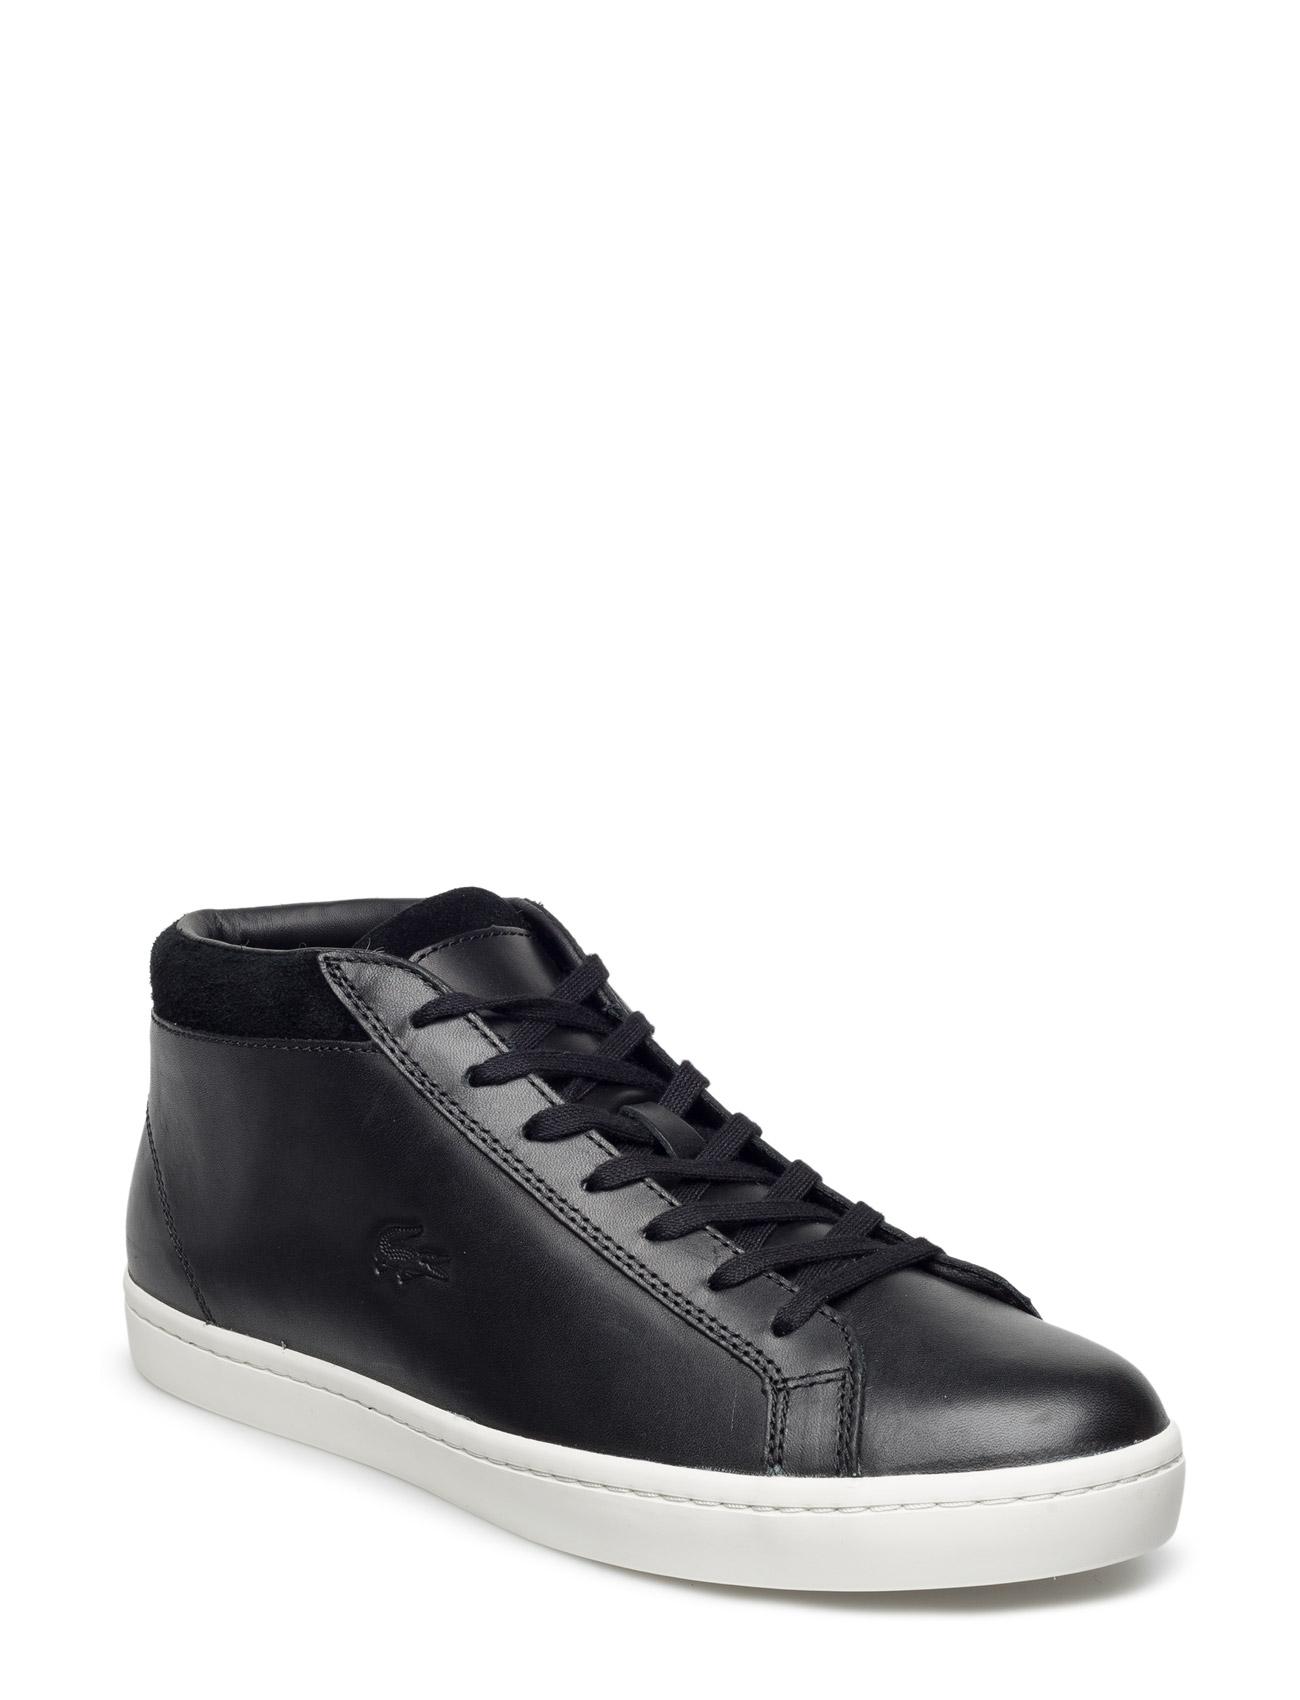 Straight Chukka3161 Lacoste Shoes Sneakers til Herrer i Sort